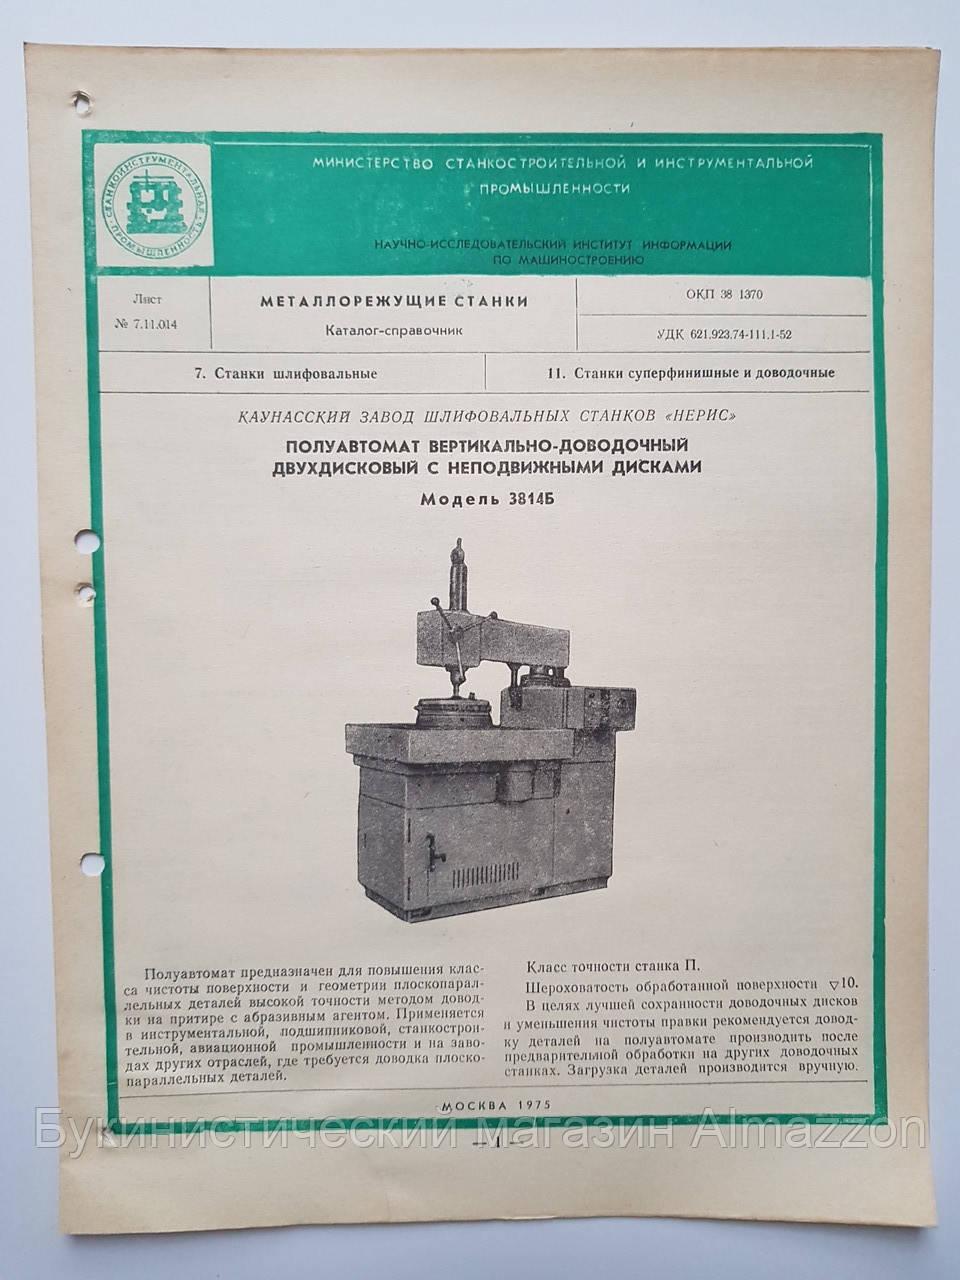 Журнал (Бюллетень) Полуавтомат вертикально-доводочный двухдисковый с неподвижными дисками З814Б  7.11.014